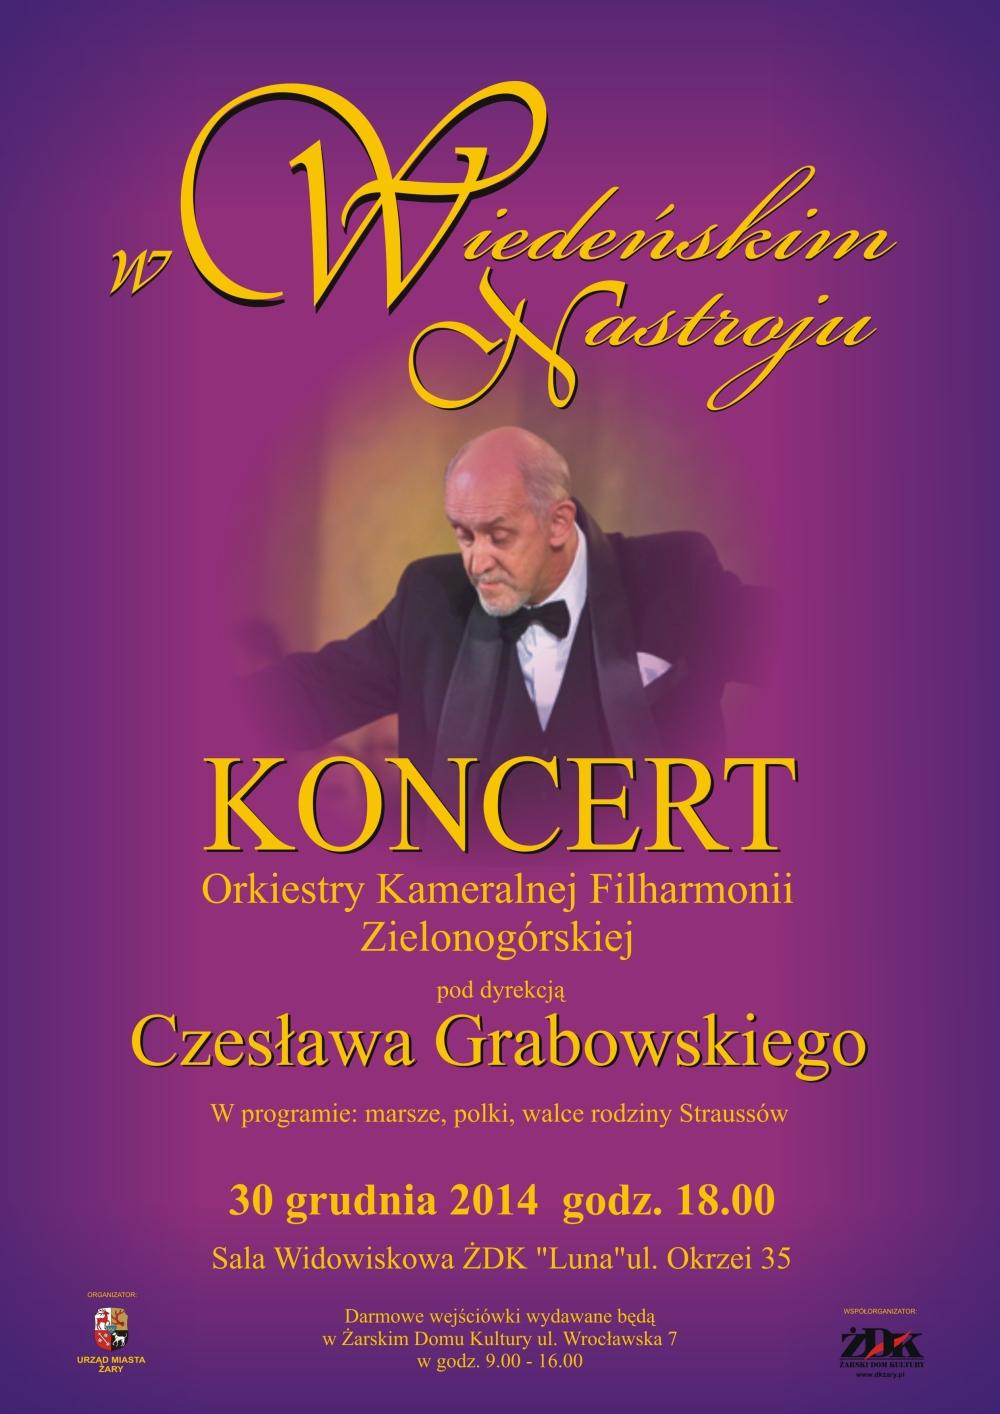 Ilustracja do informacji: Koncert w Wiedeńskim Nastroju